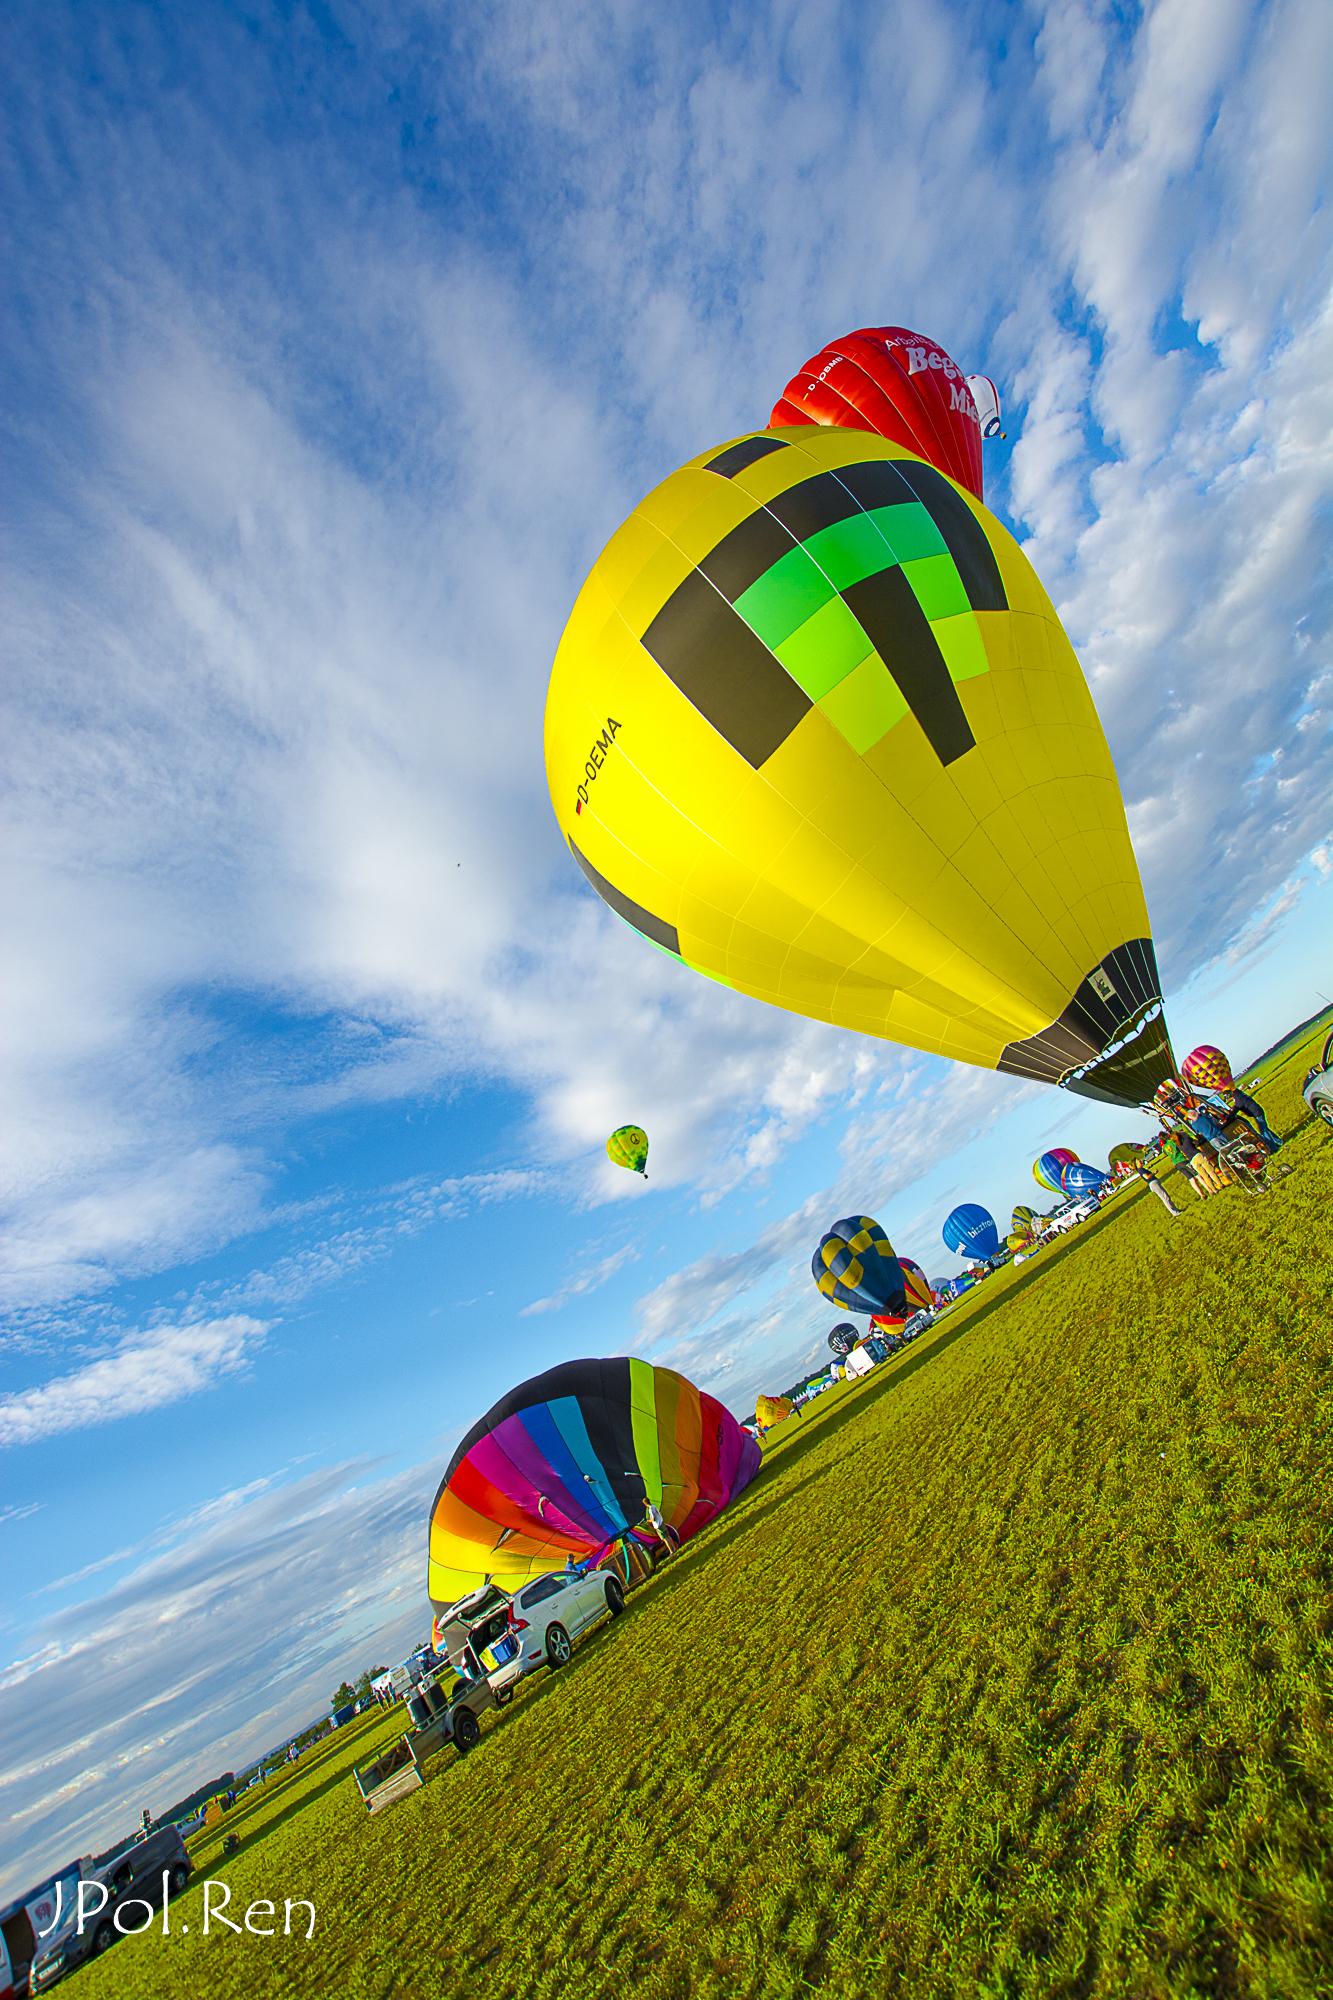 Mondial Air Ballon 2017 - Chambley - du 21 au 30 juillet - les photos 467790GG29air1368